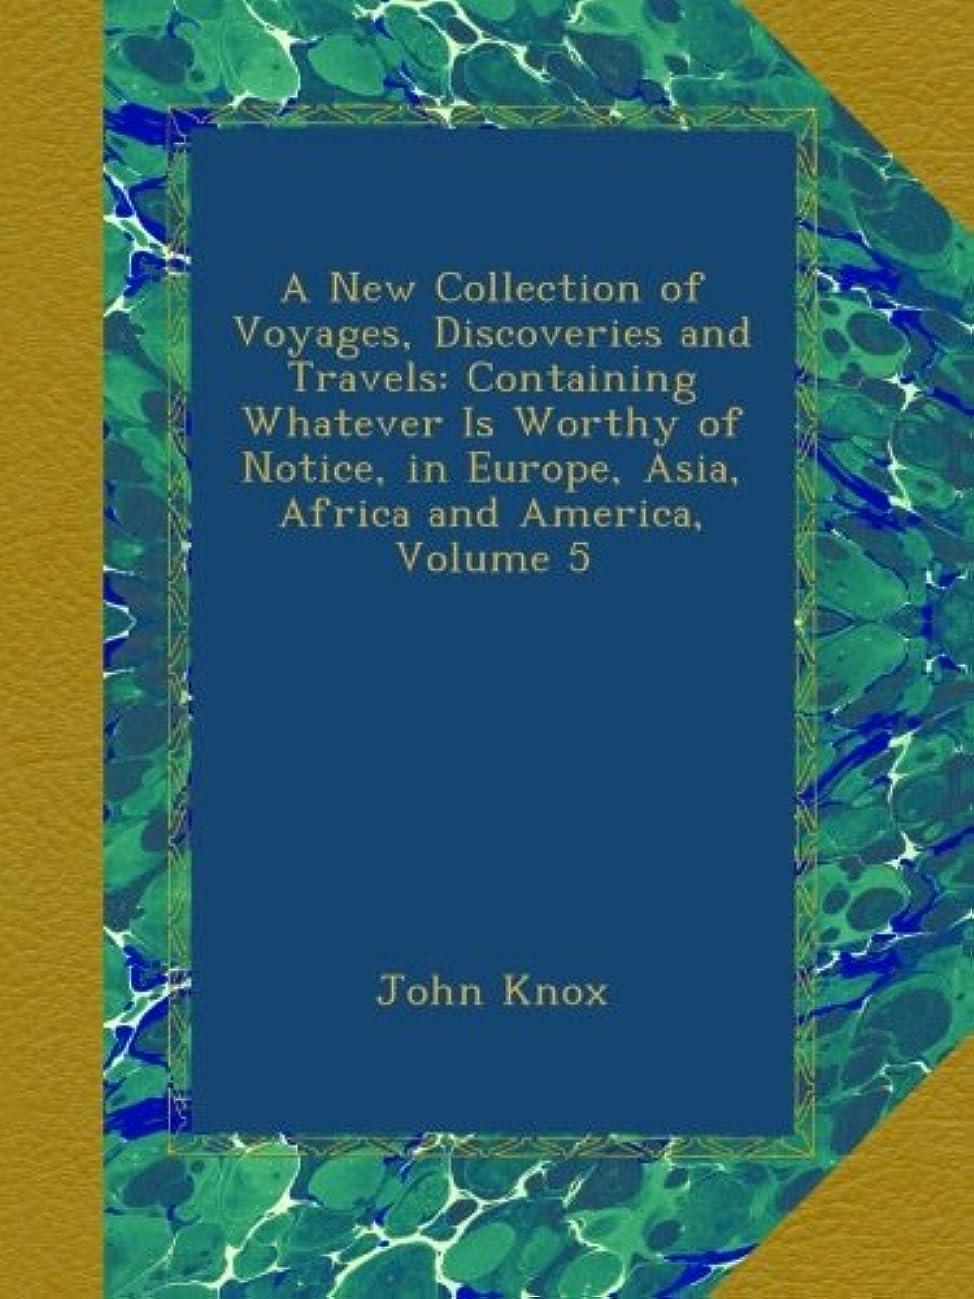 時代レディお世話になったA New Collection of Voyages, Discoveries and Travels: Containing Whatever Is Worthy of Notice, in Europe, Asia, Africa and America, Volume 5